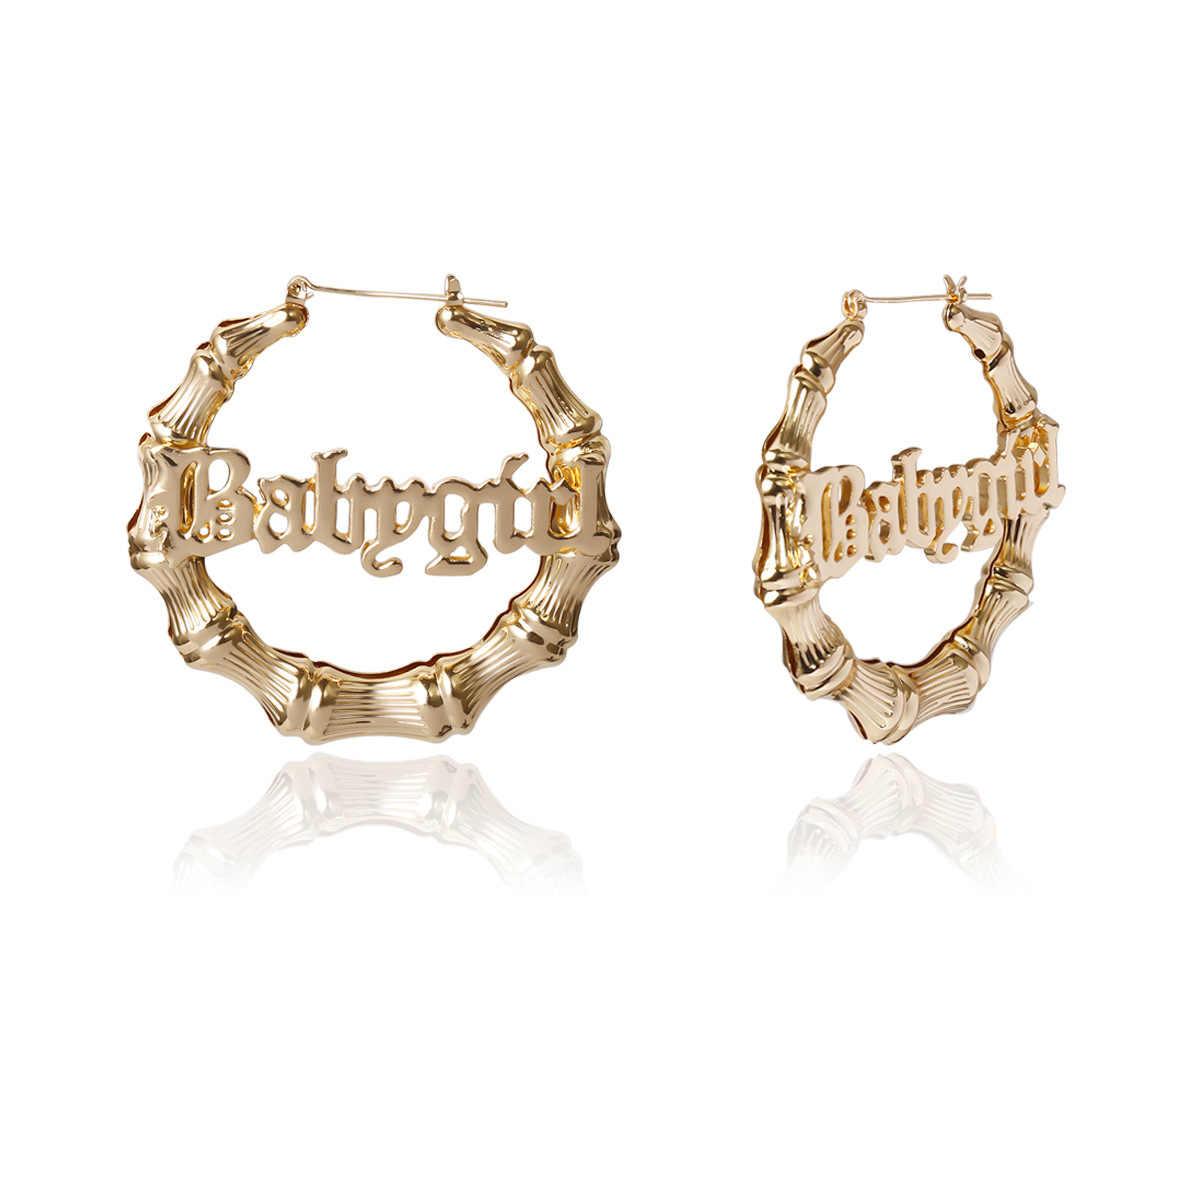 รอบวงกลมไม้ไผ่Hoopต่างหูHollow Letter Babygirl Gold Silverสีต่างหูVINTAGE 2020 Punk OVERSIZE Brincos